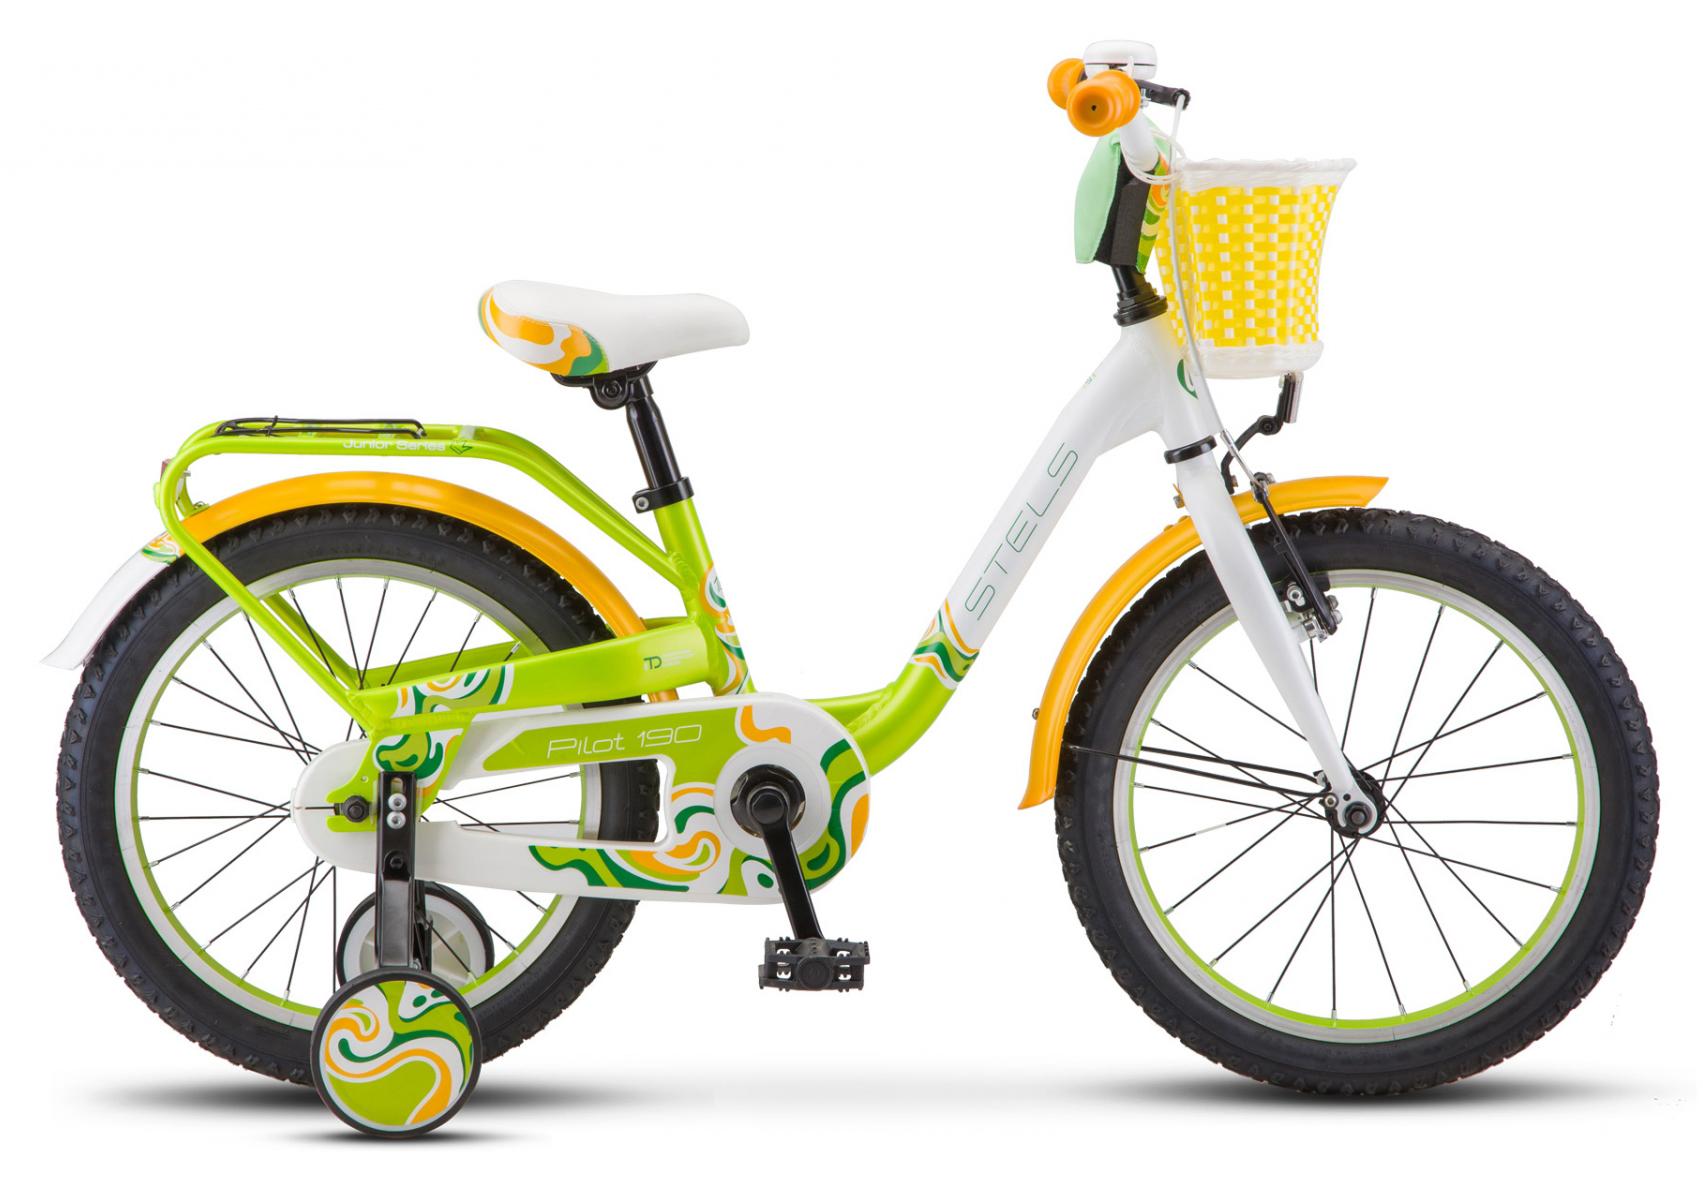 Велосипед Stels Pilot 190 16 (V030) 2019 цена